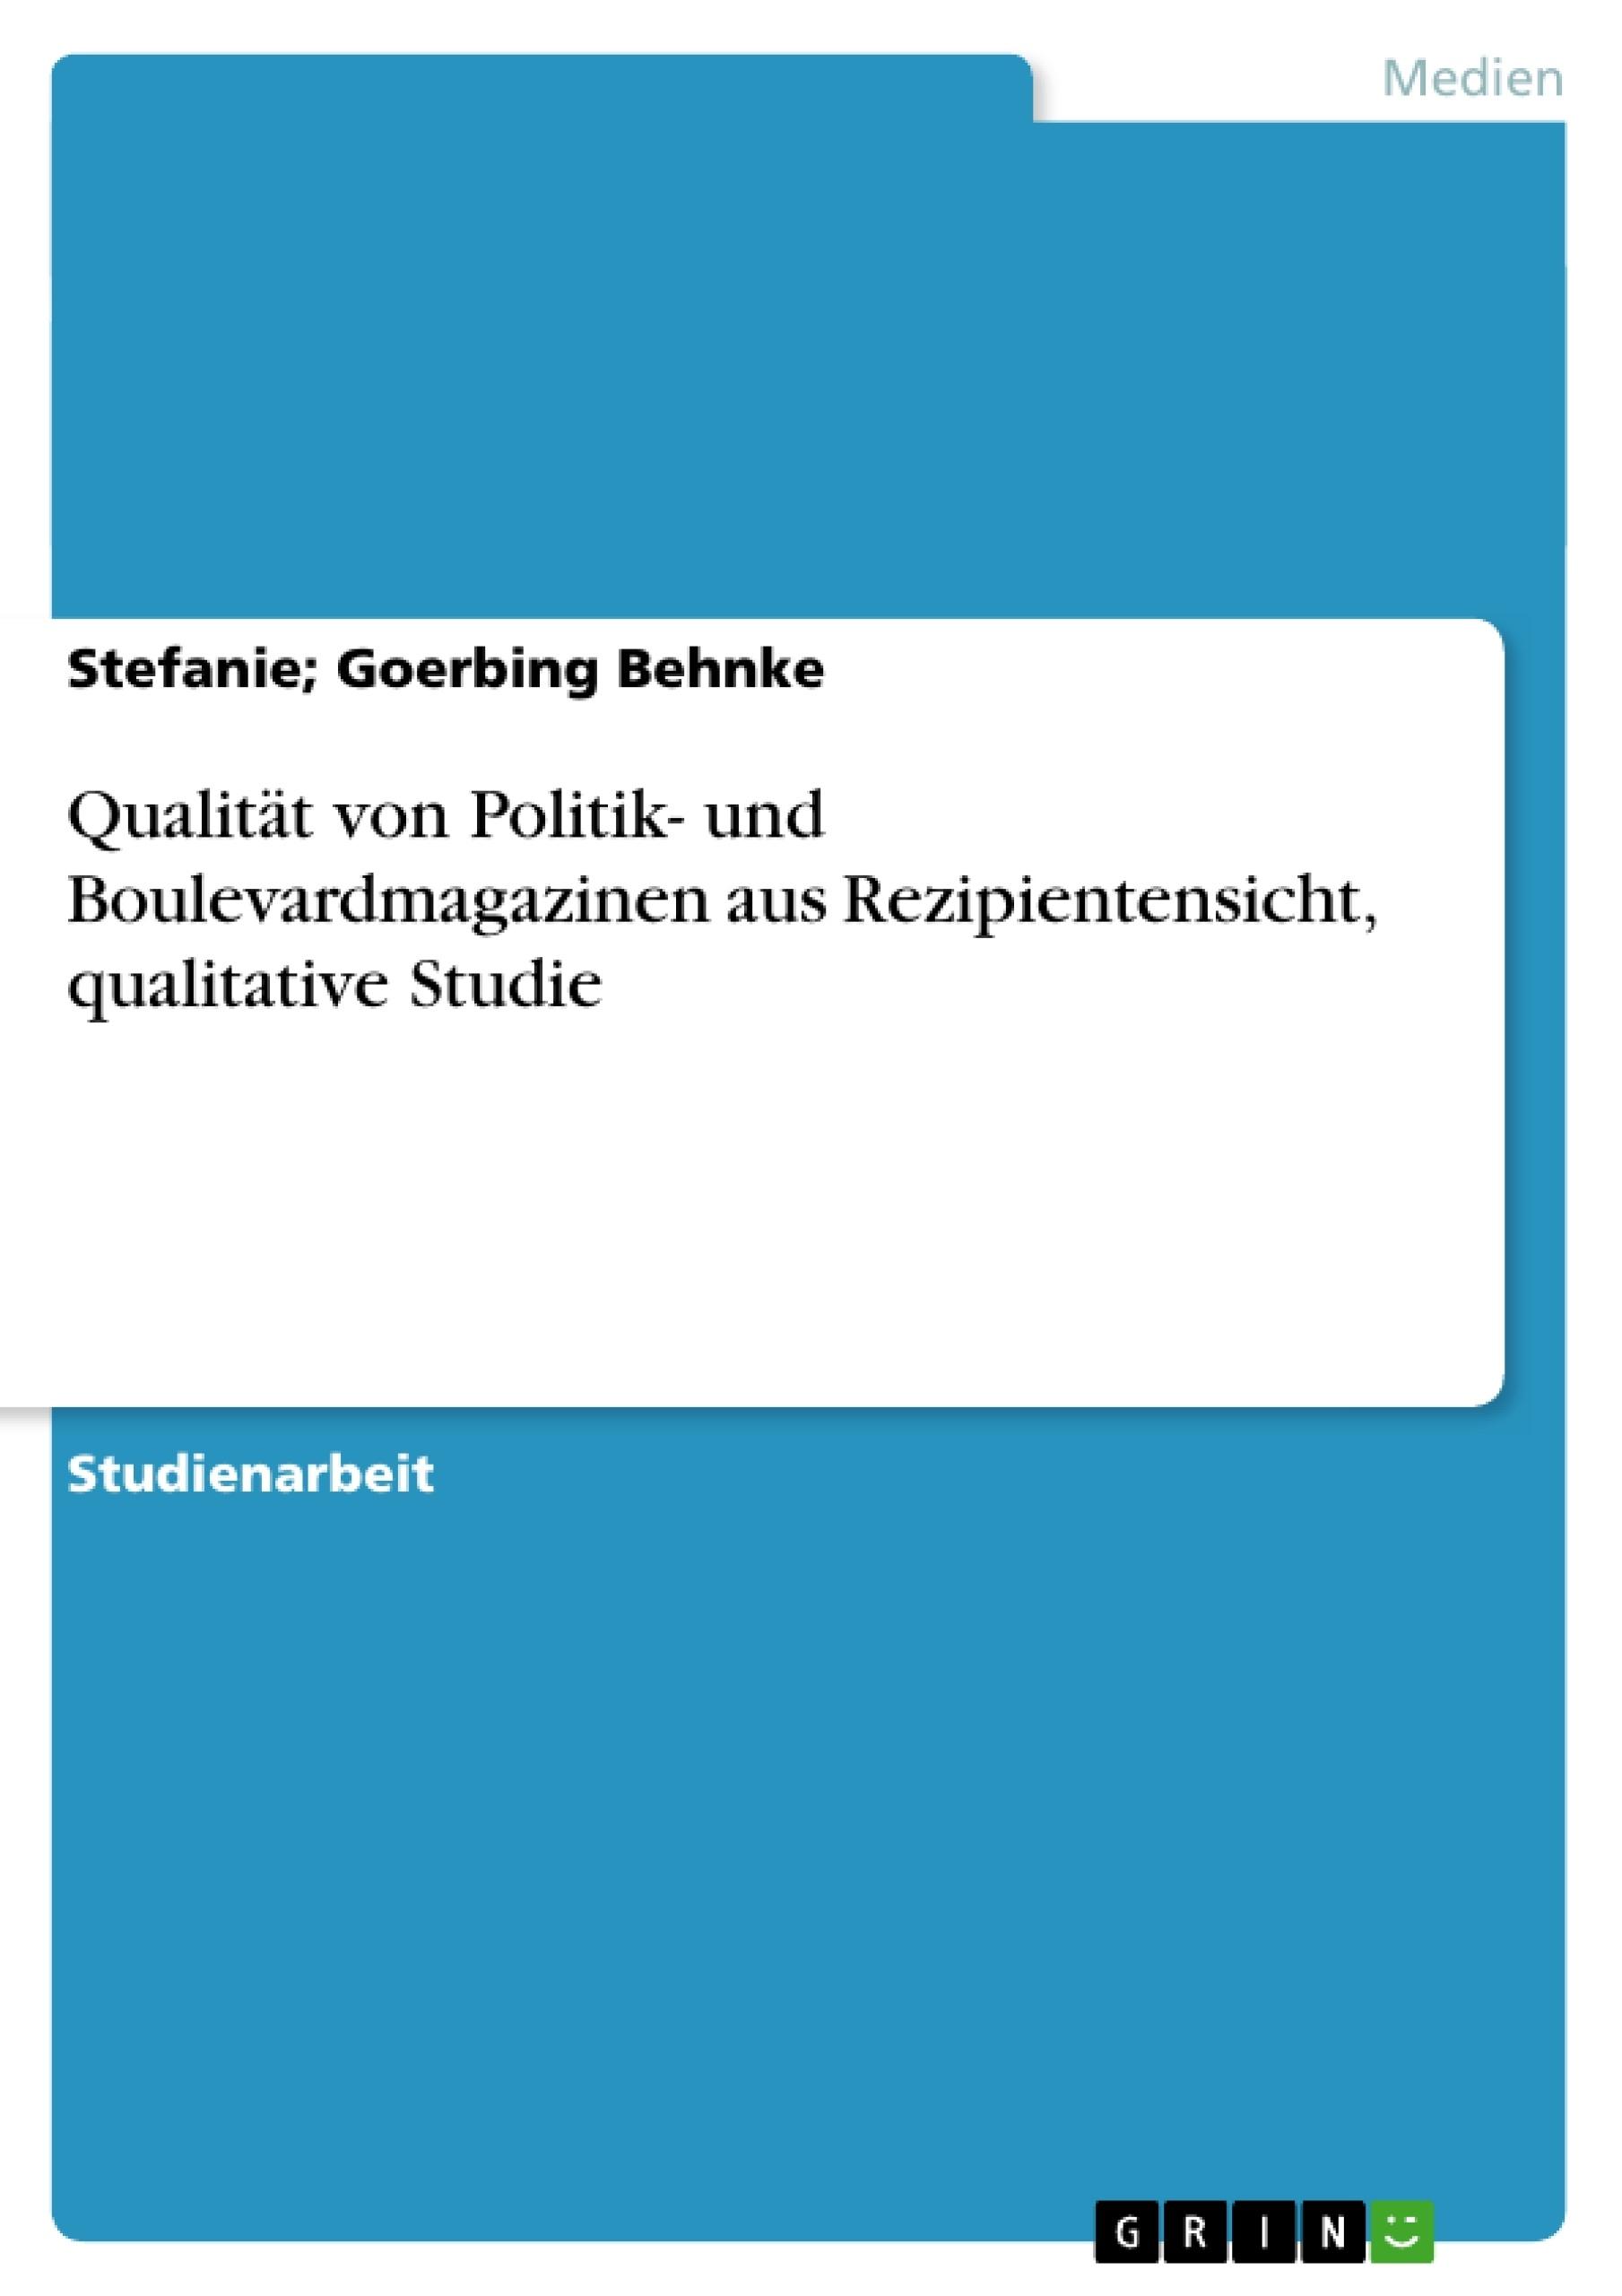 Titel: Qualität von Politik- und Boulevardmagazinen aus Rezipientensicht, qualitative Studie